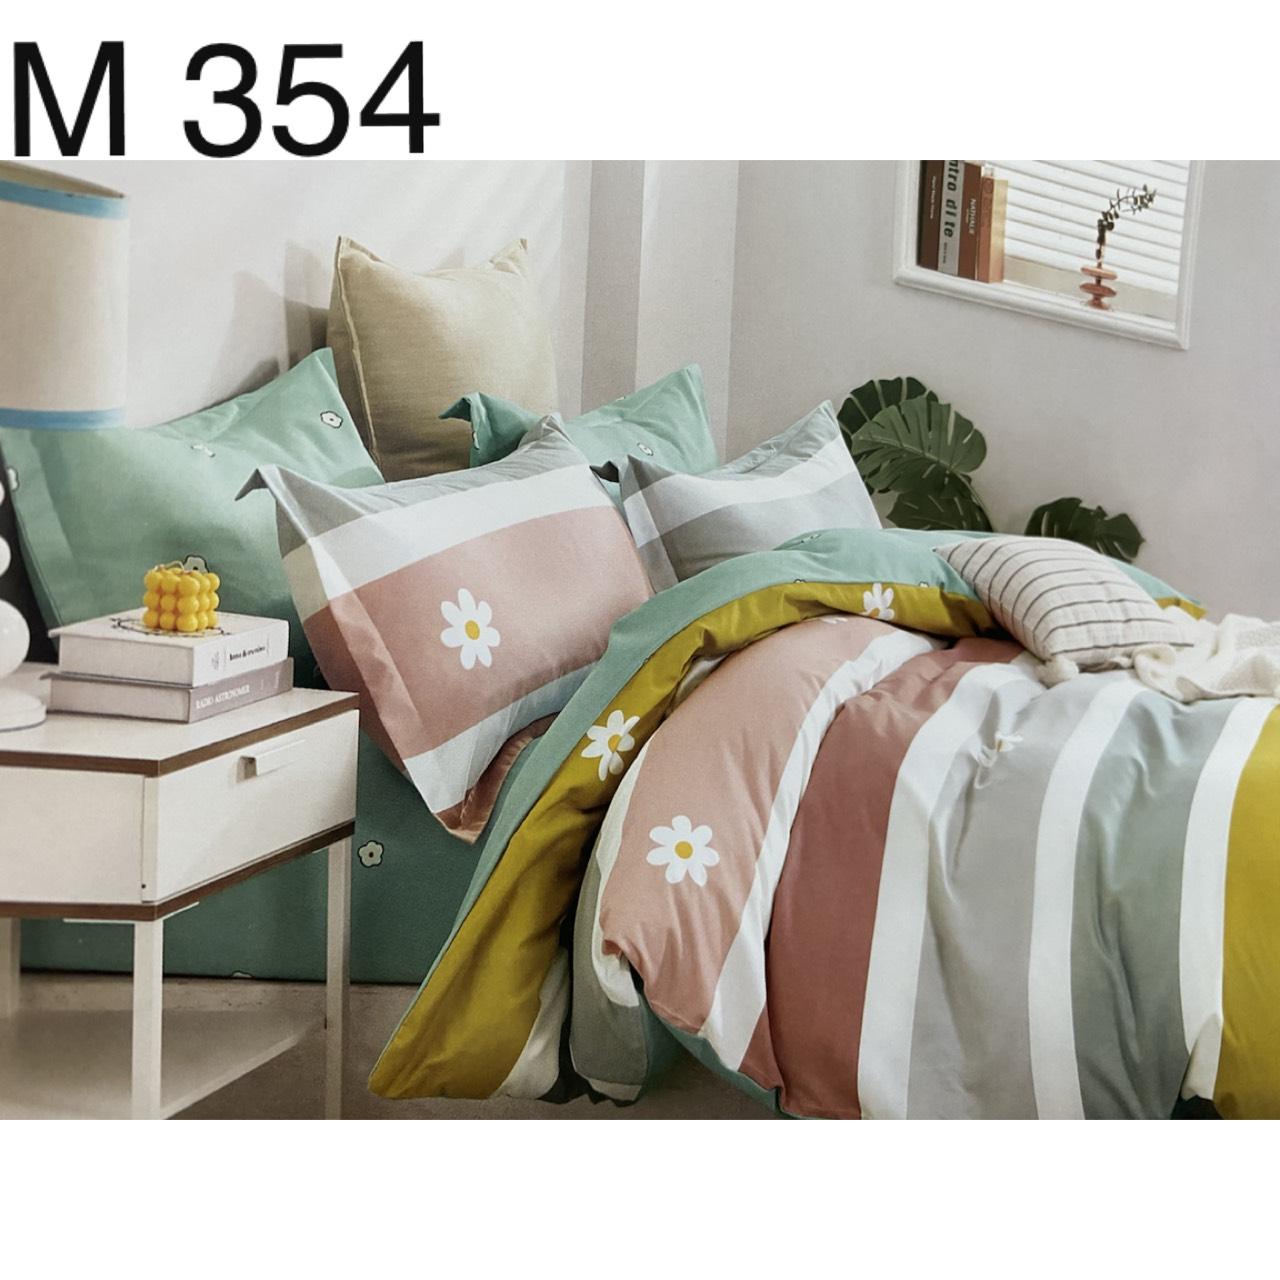 Bộ Chăn Ga Cotton Đũi Loại 1 Hàn Quốc - M354